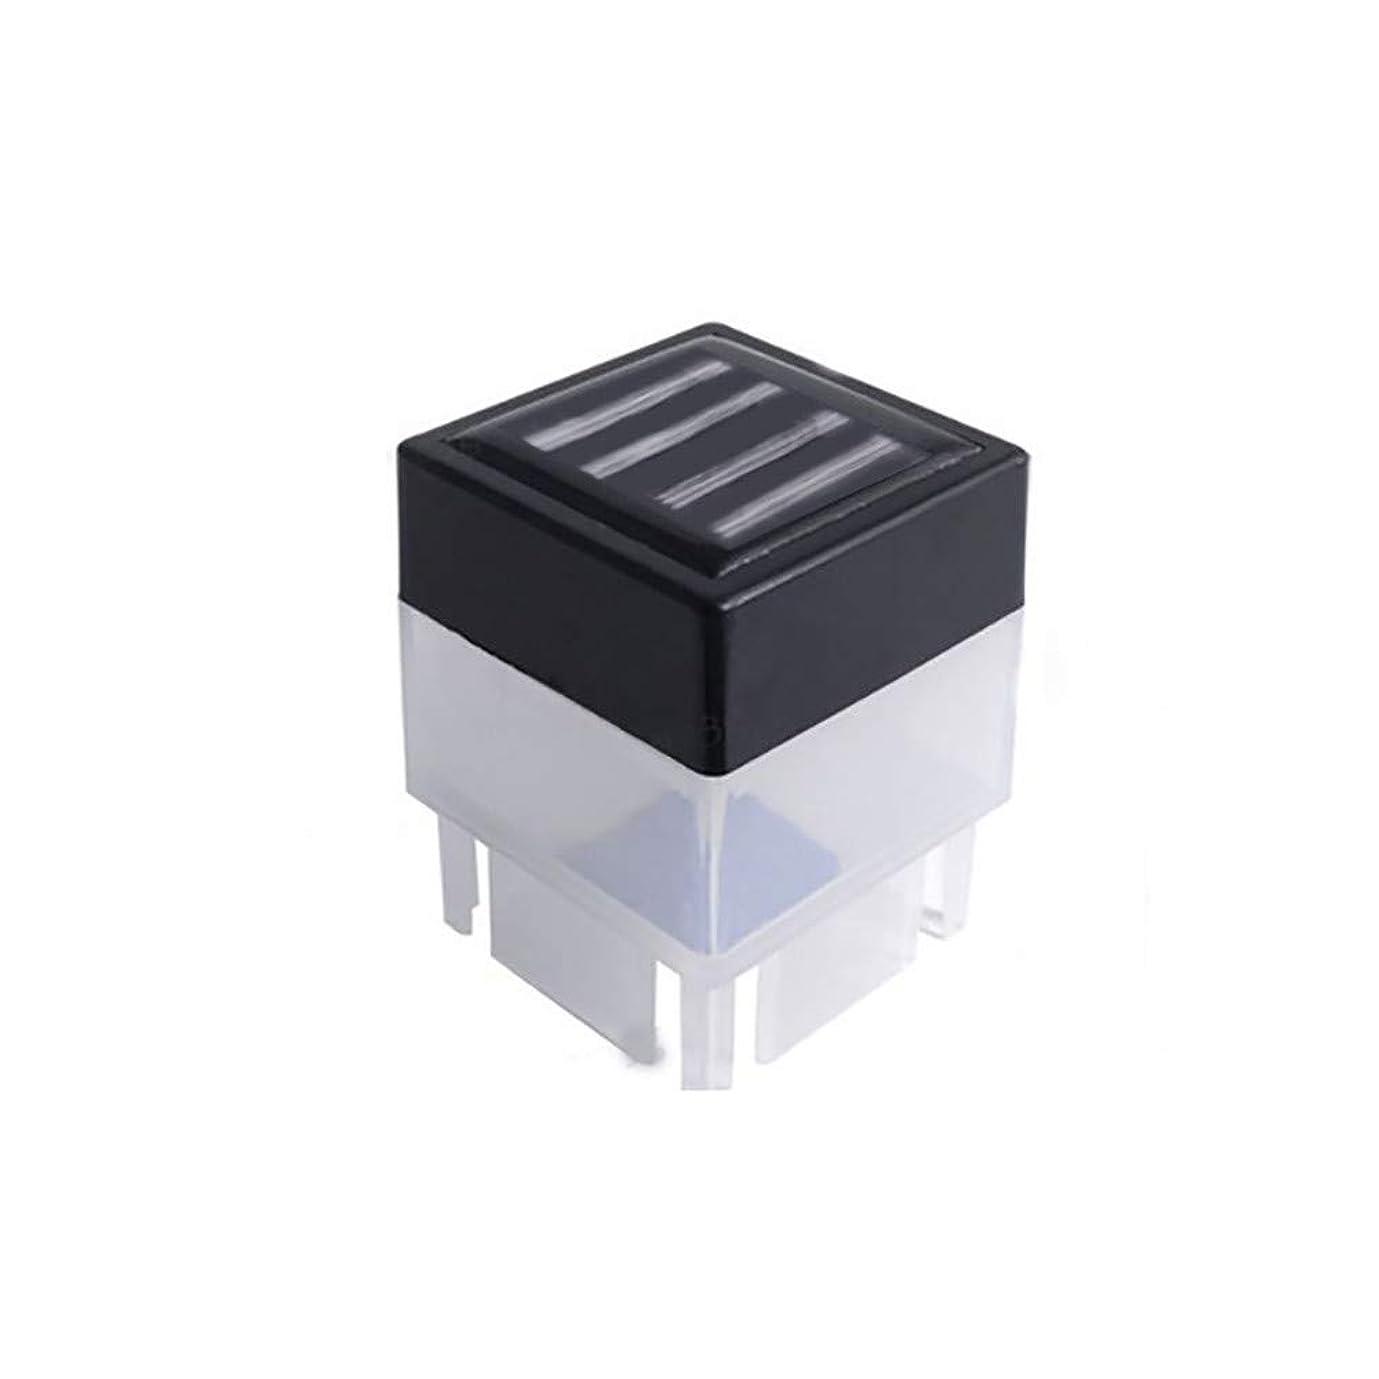 抑止する保証する犯罪LED電球 ソーラーライト 風景ライト 屋外照明 防犯ライト 自動点灯 太陽光発電 取り付け簡単 ボーダー、プールフェンス、ガーデンフェンスなどに適しています (ホワイト)